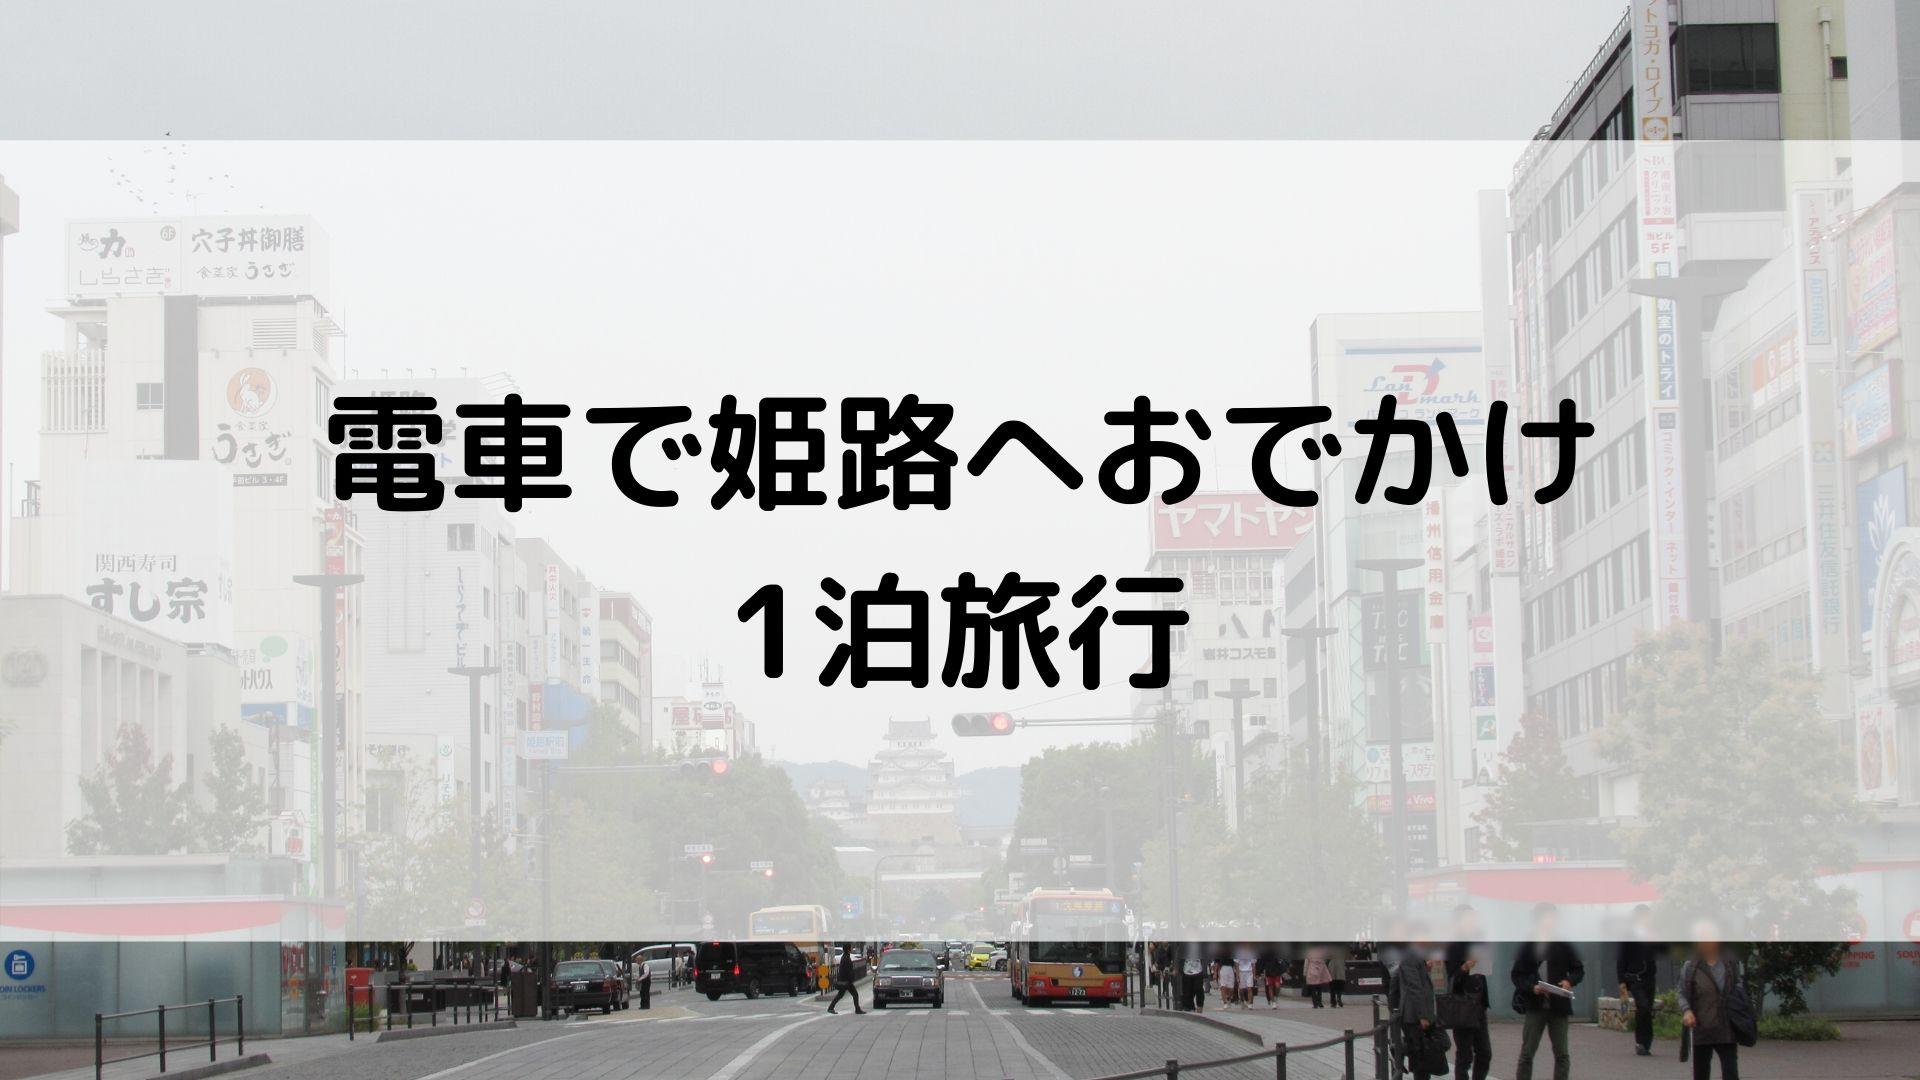 電車で姫路へおでかけ 1泊旅行